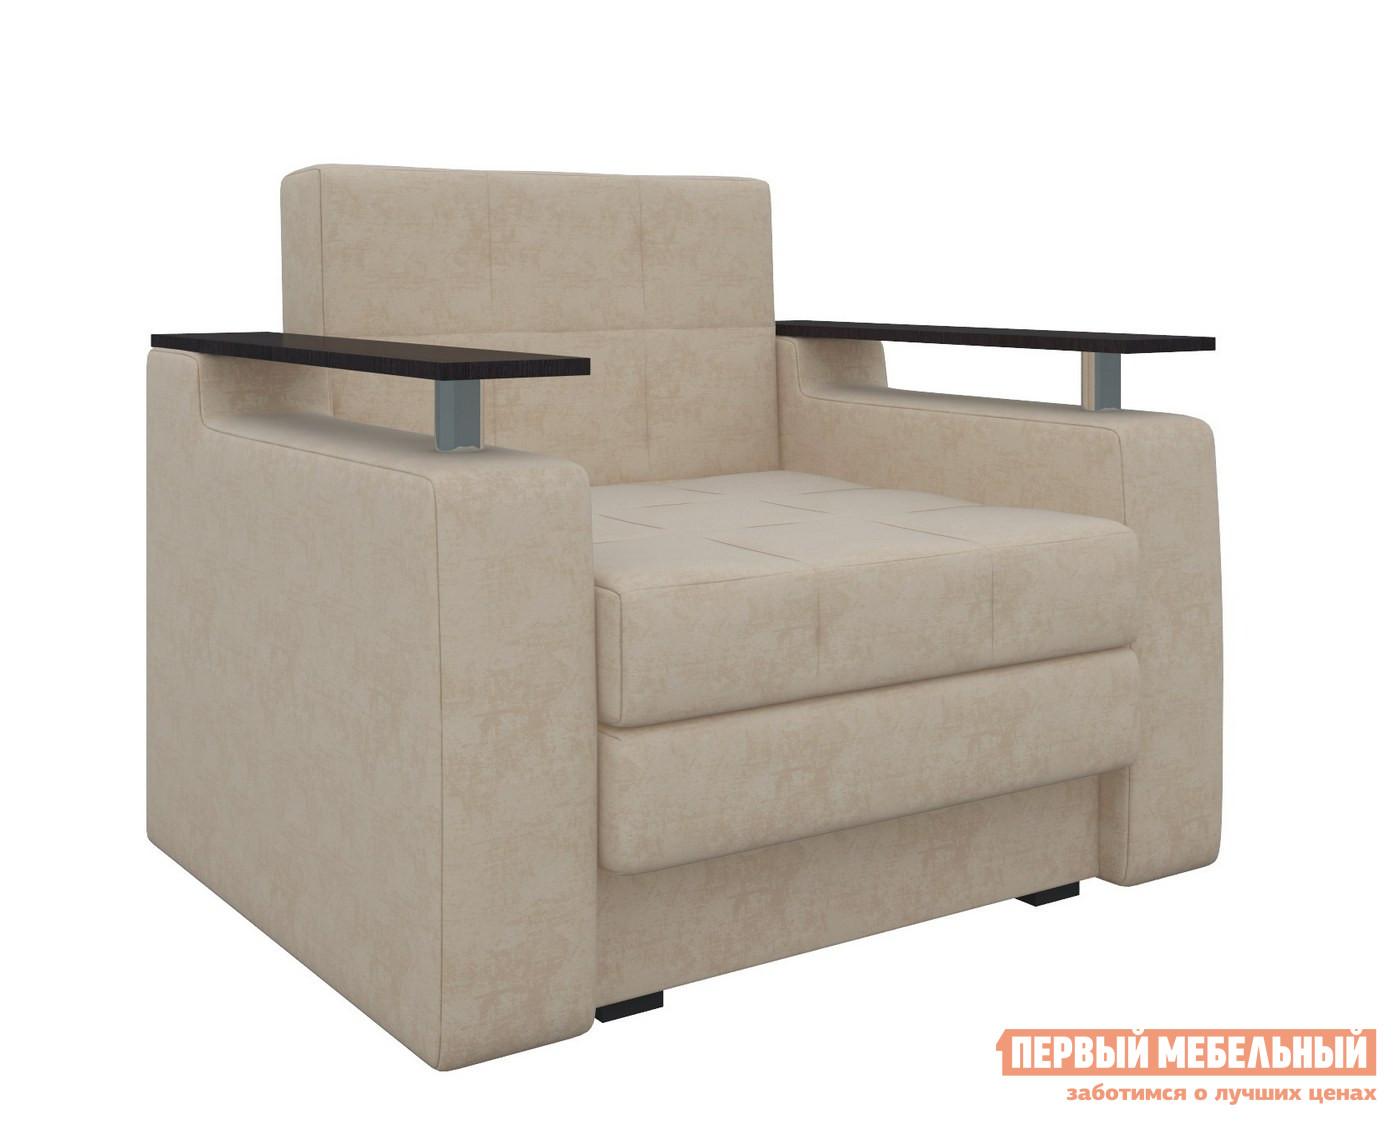 Кресло Мебелико Кресло-кровать Комфорт Бежевый микровельвет от Купистол